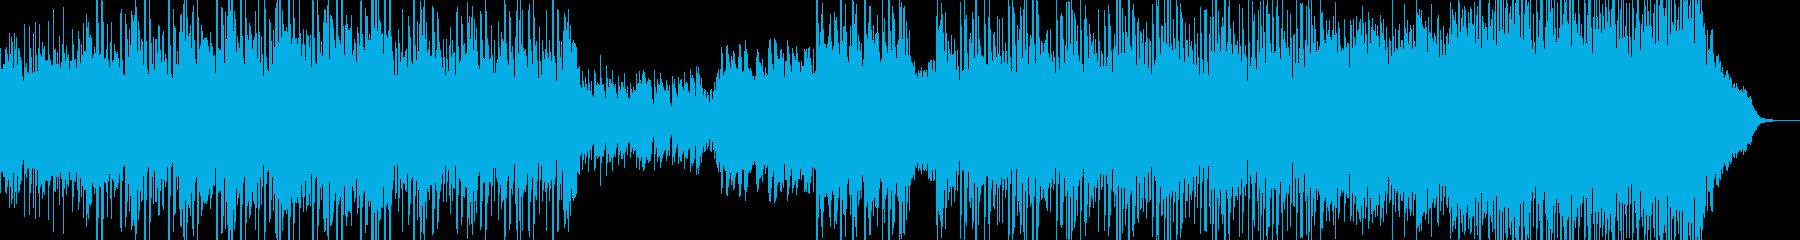 星空イメージのヒーリングの再生済みの波形